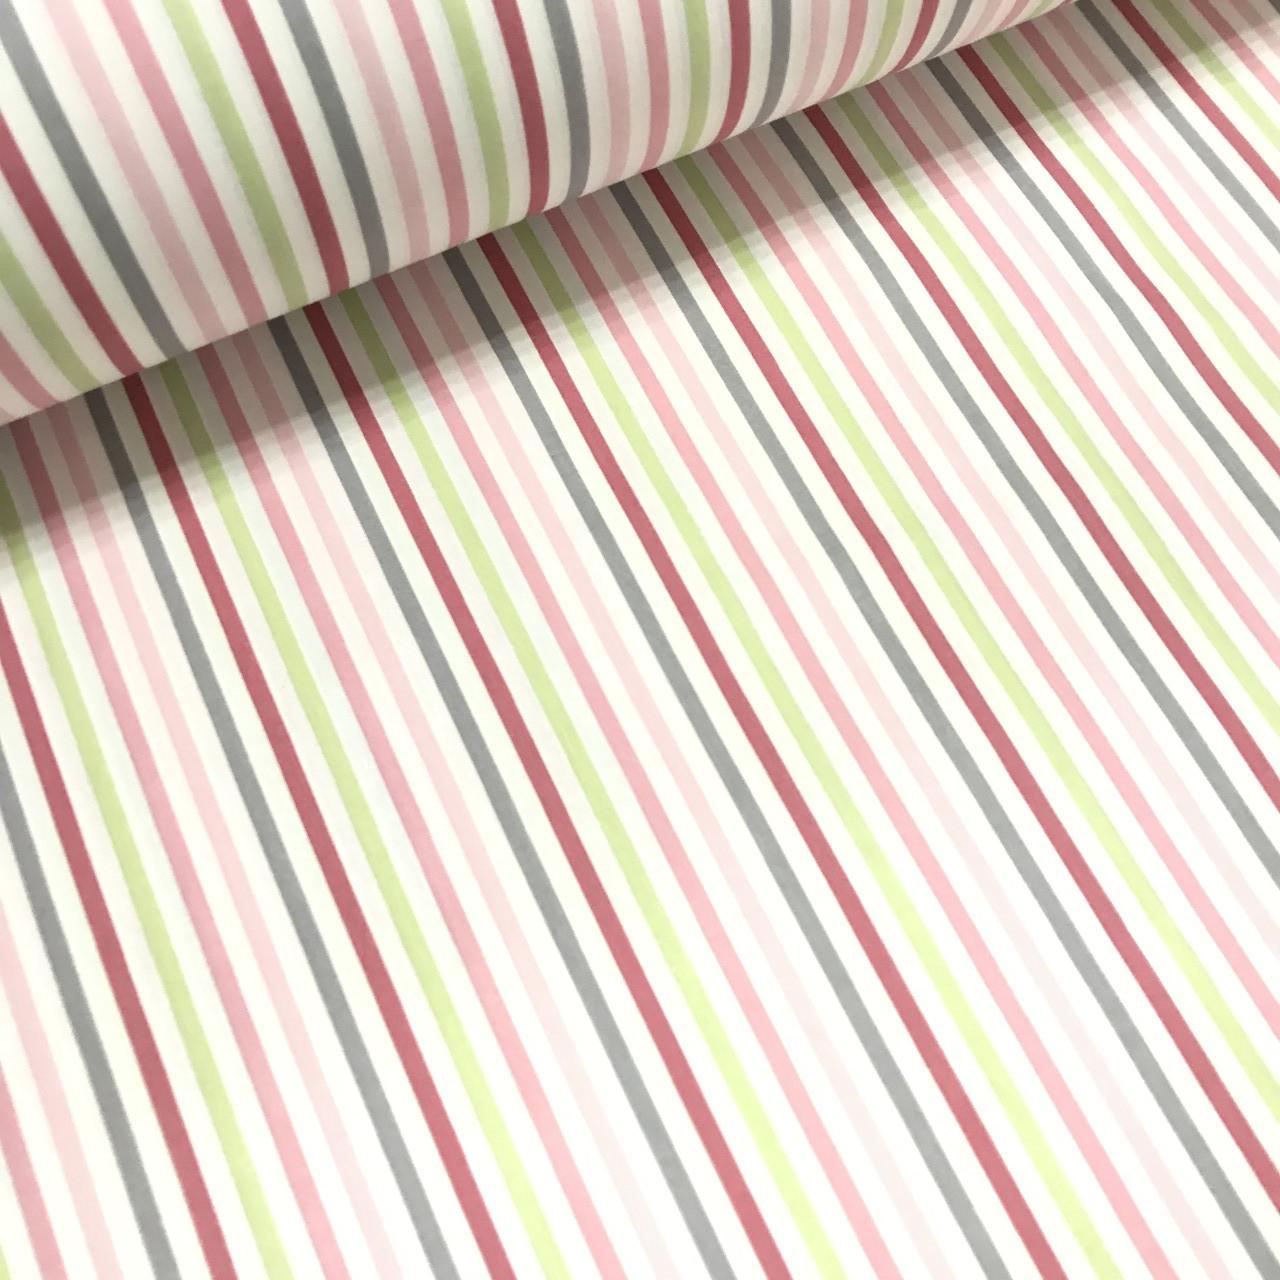 Ткань поплин полоска мелкая серо-зеленая (ТУРЦИЯ шир. 2,4 м)